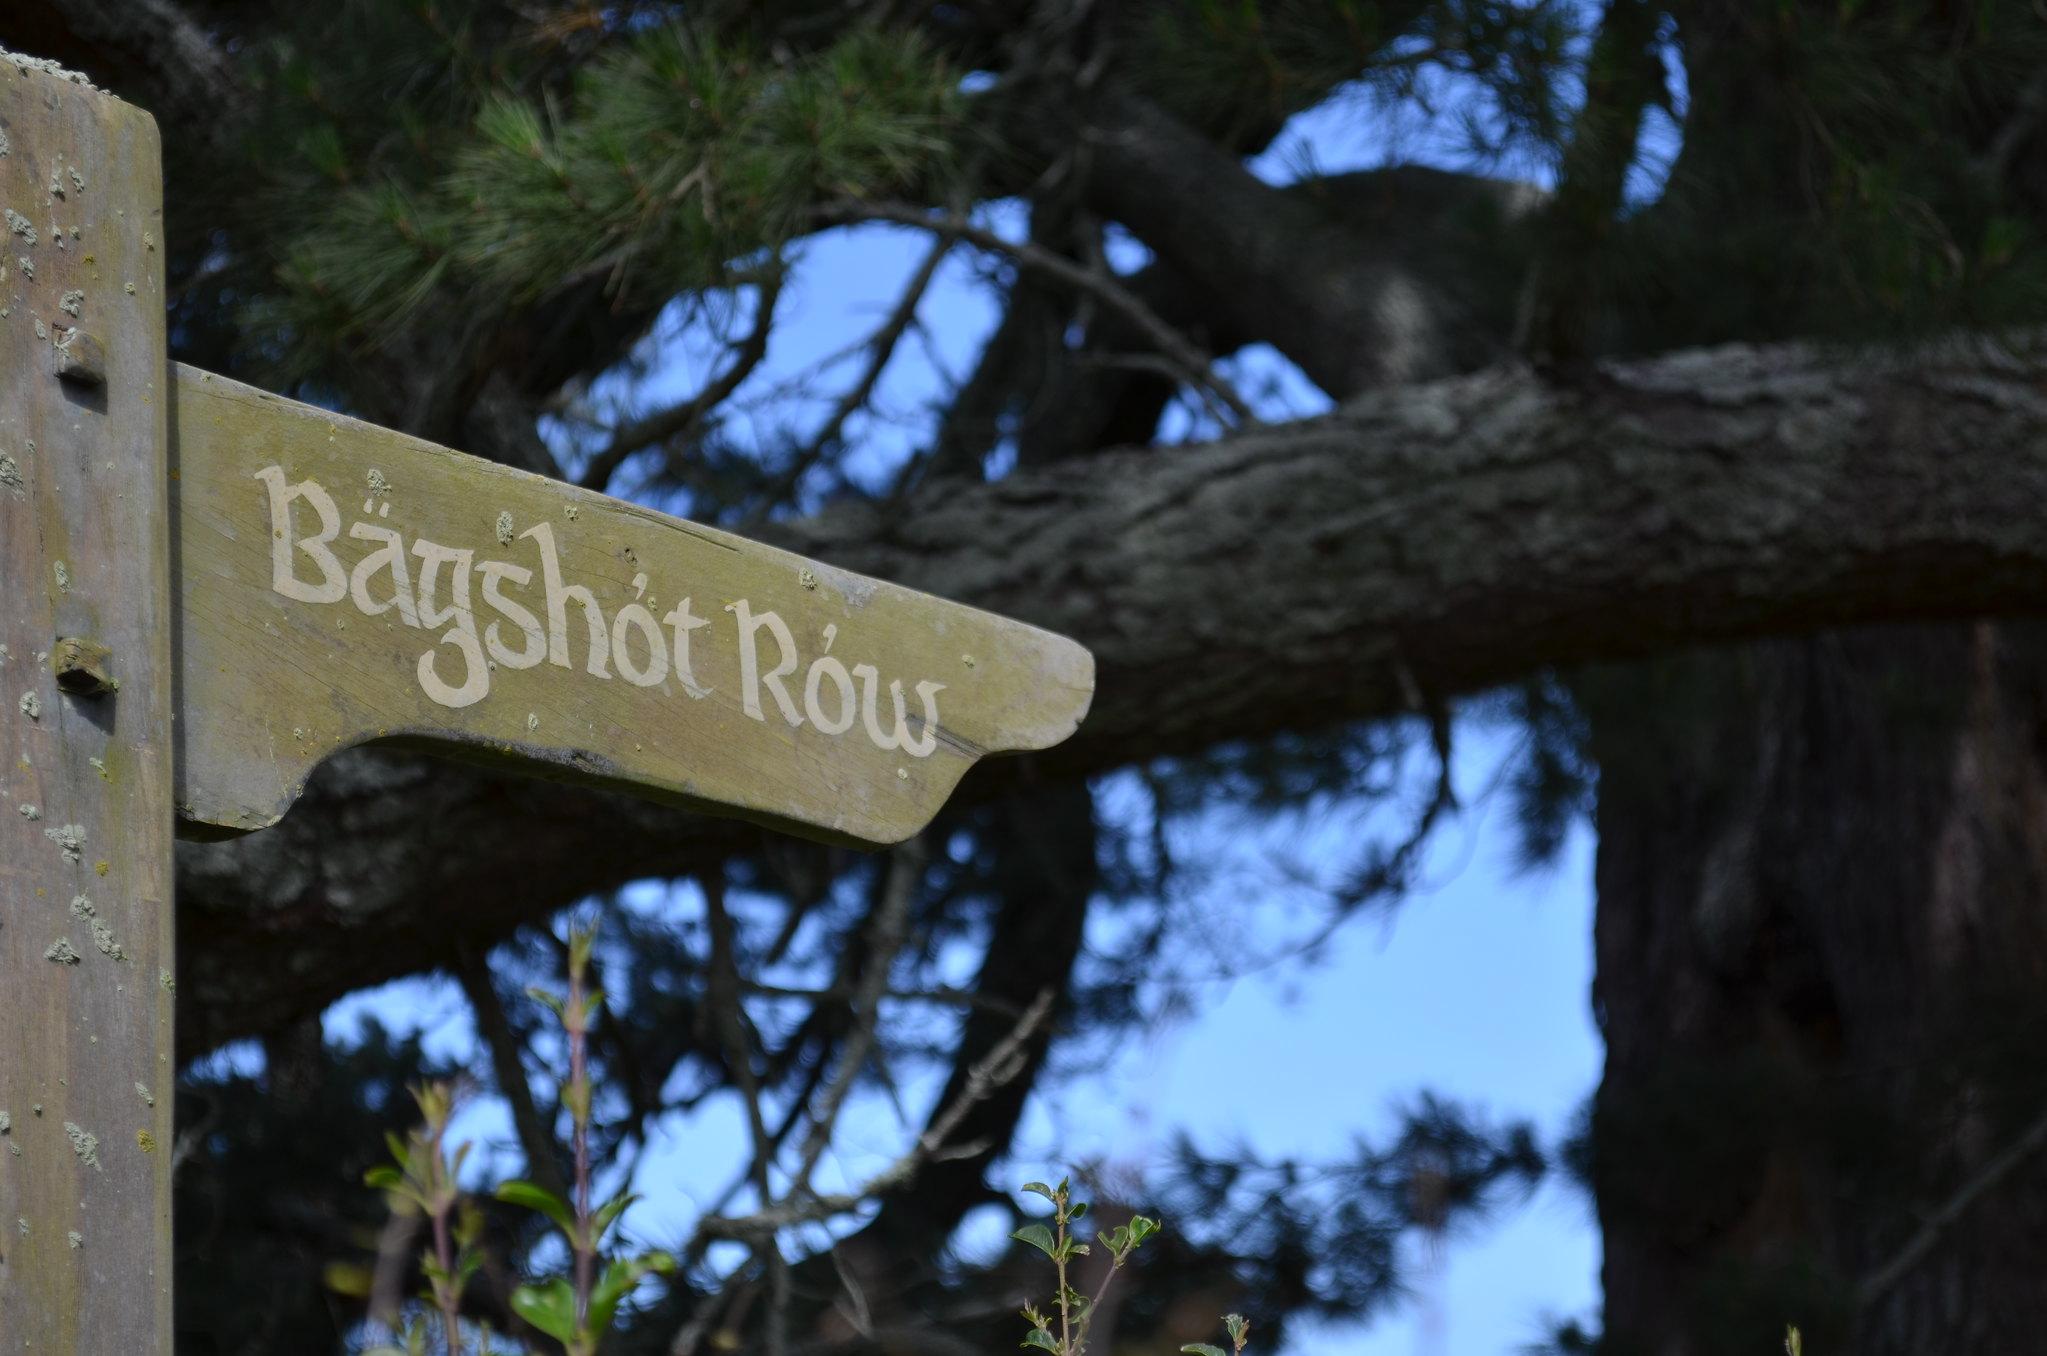 Hobbiton - Bagshot Row